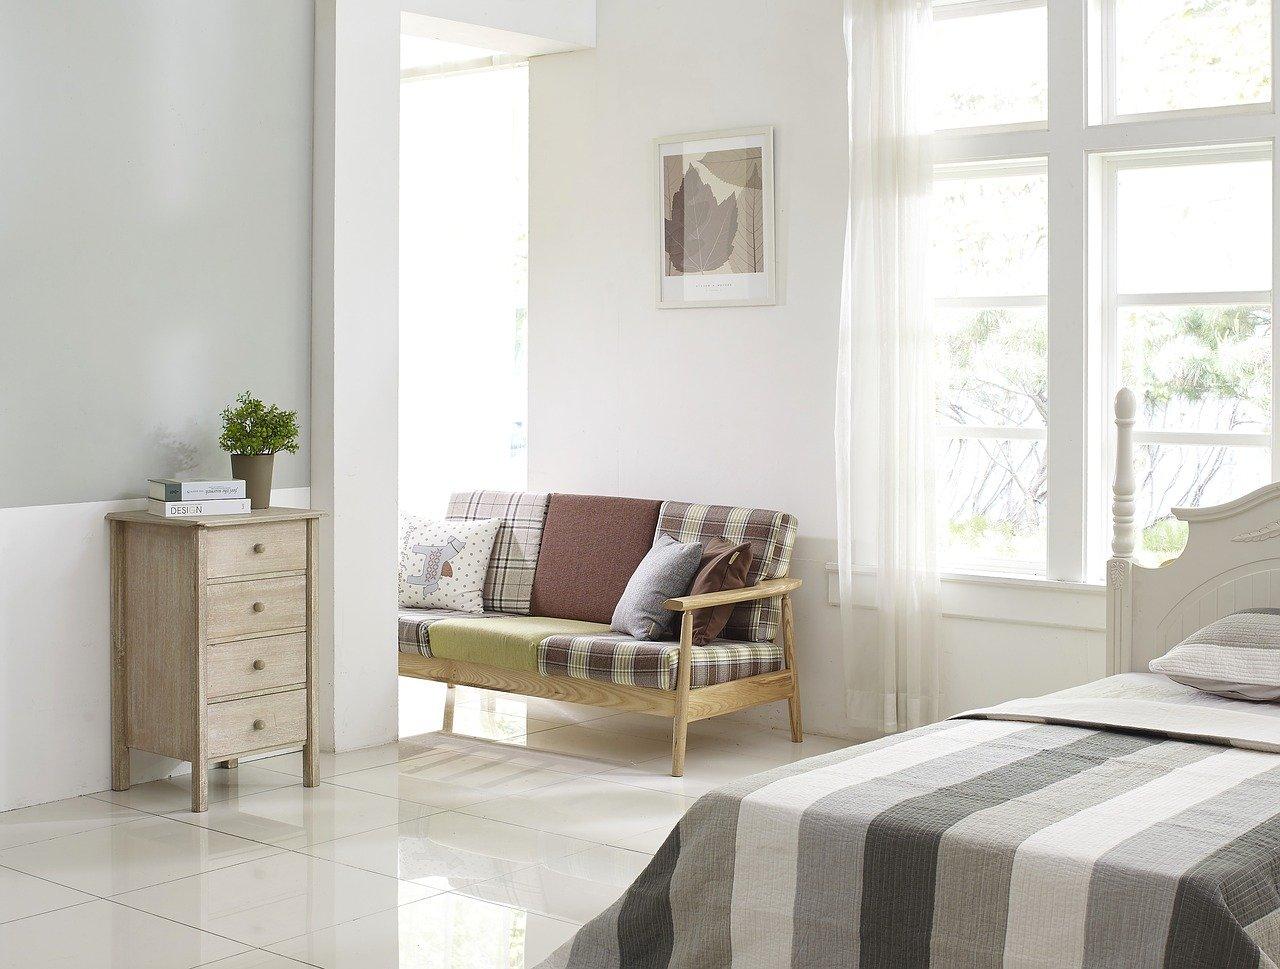 Le 6 migliori piante per decorare la camera da letto - Italian Design